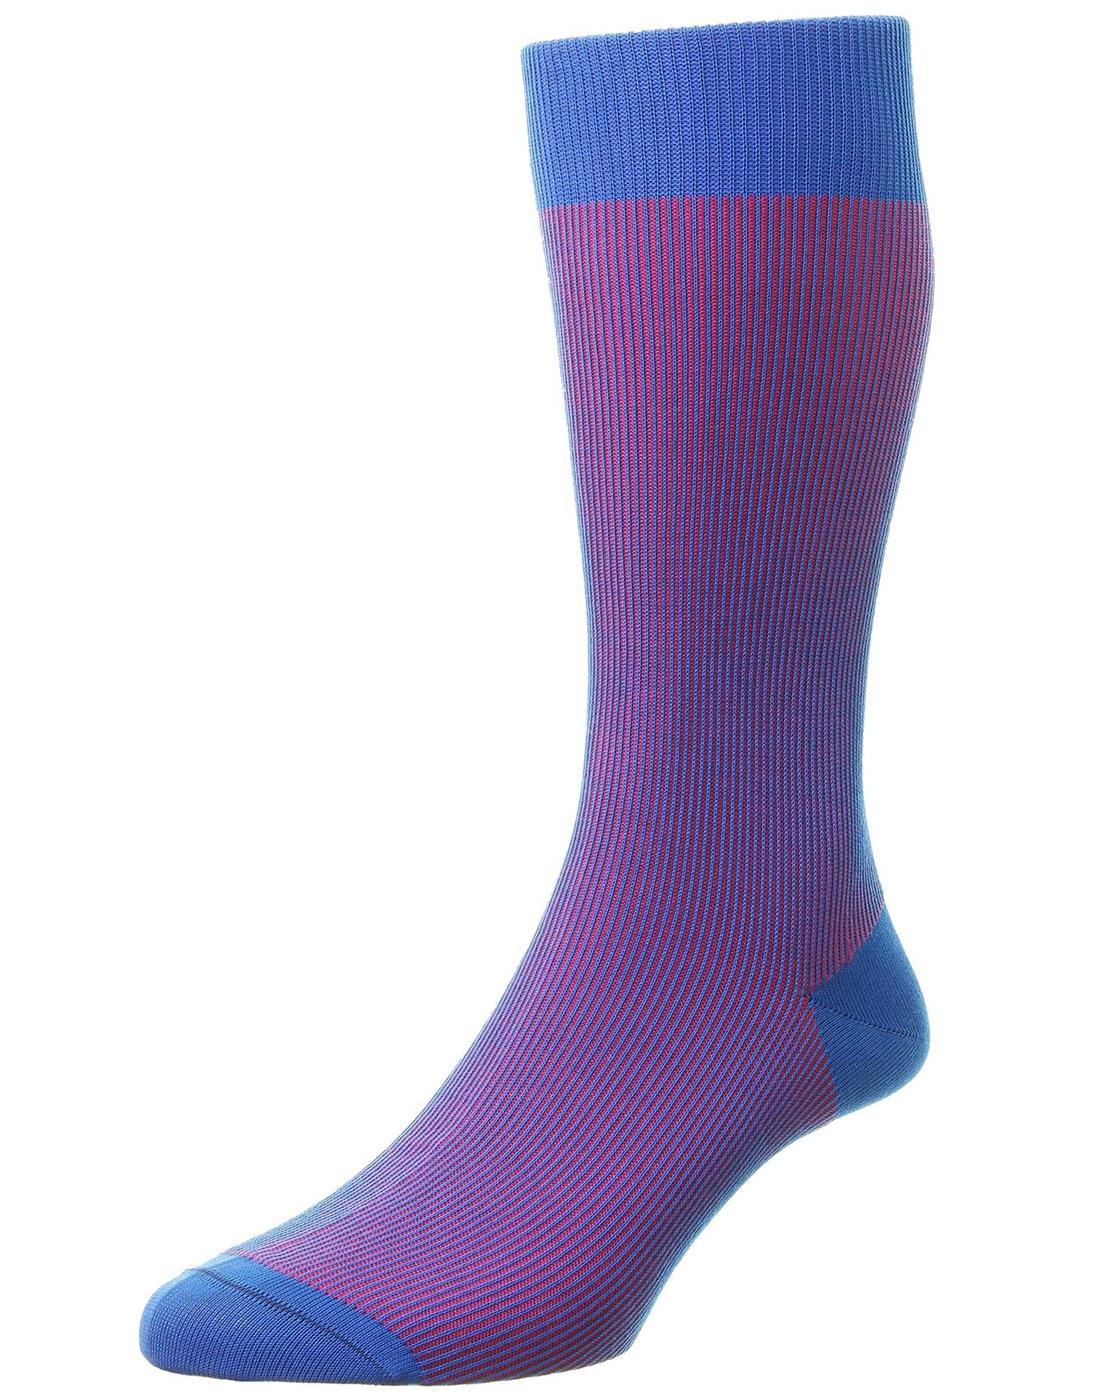 + Santos PANTHERELLA Men's Tonic Effect Socks SB